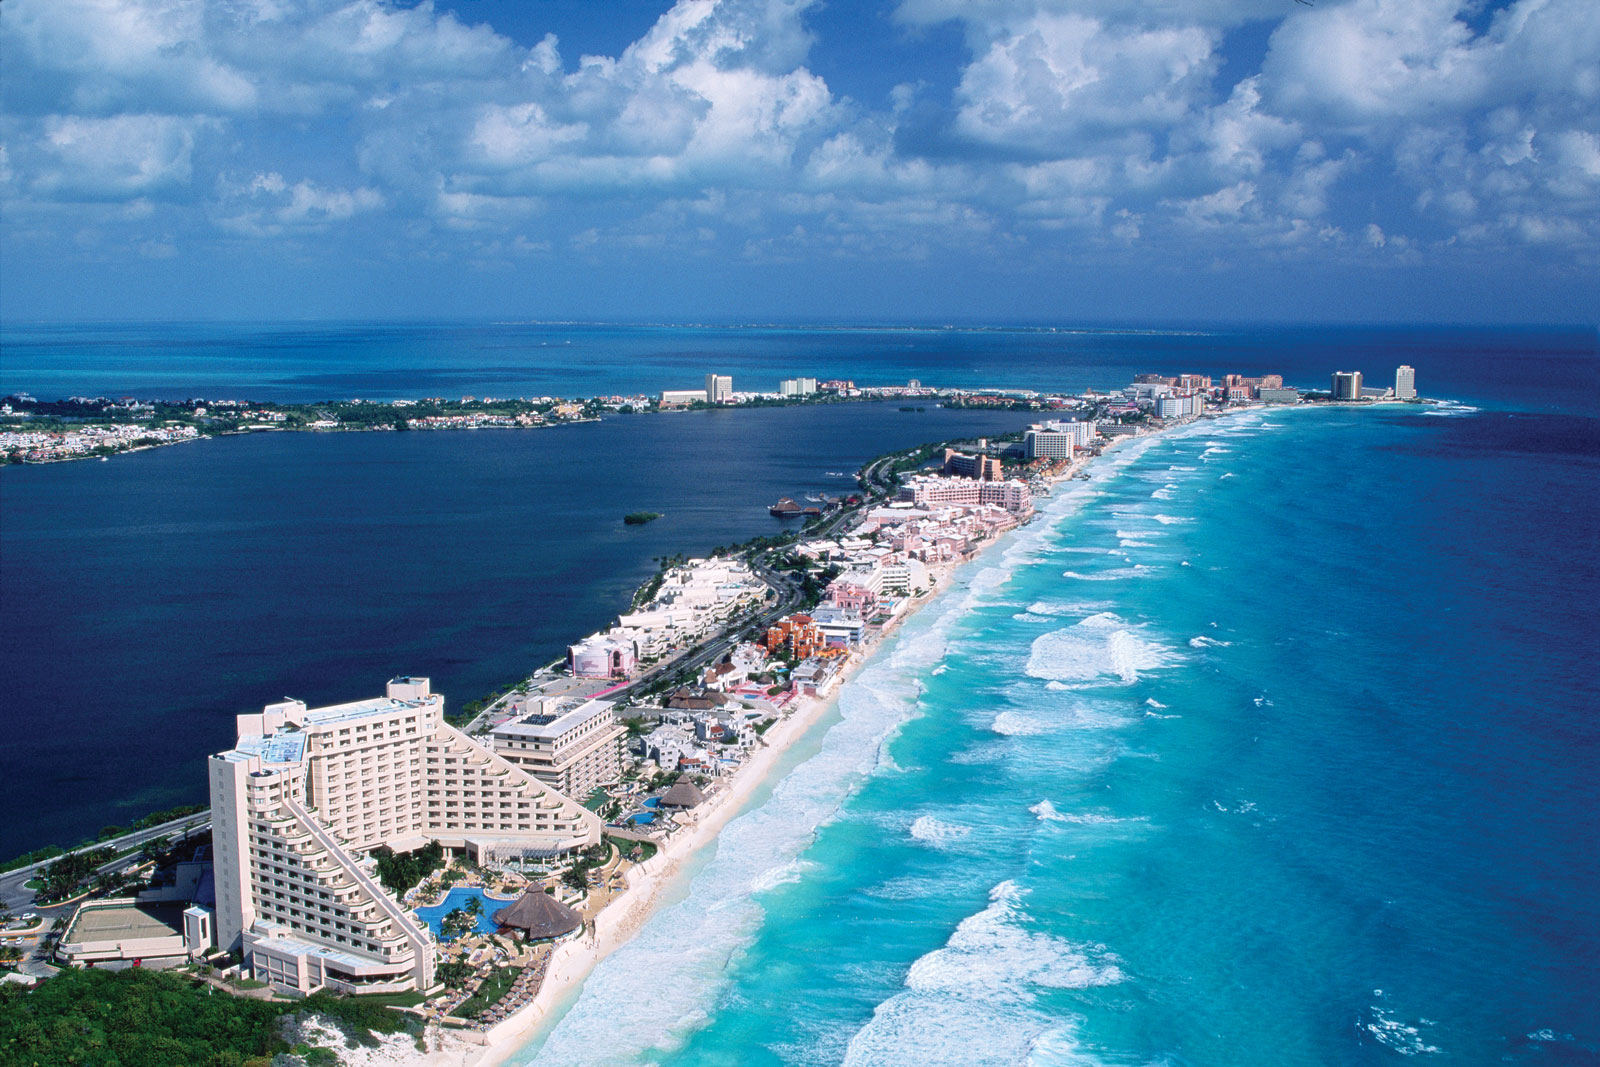 Réveillon em Cancún